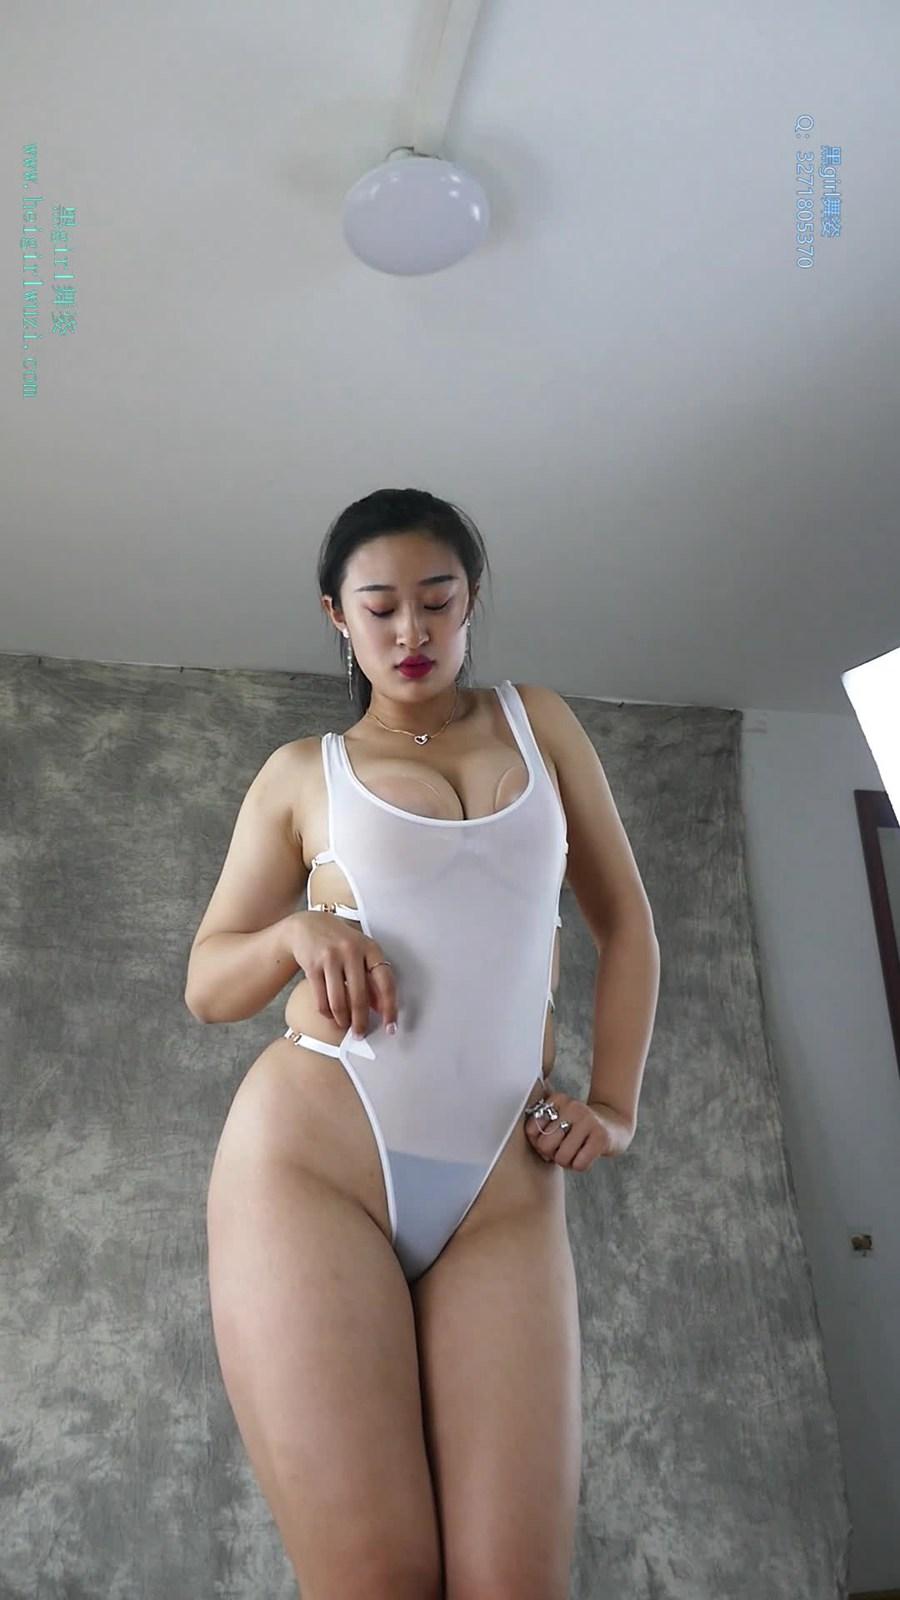 黑gril舞姿 娜娜第4期A